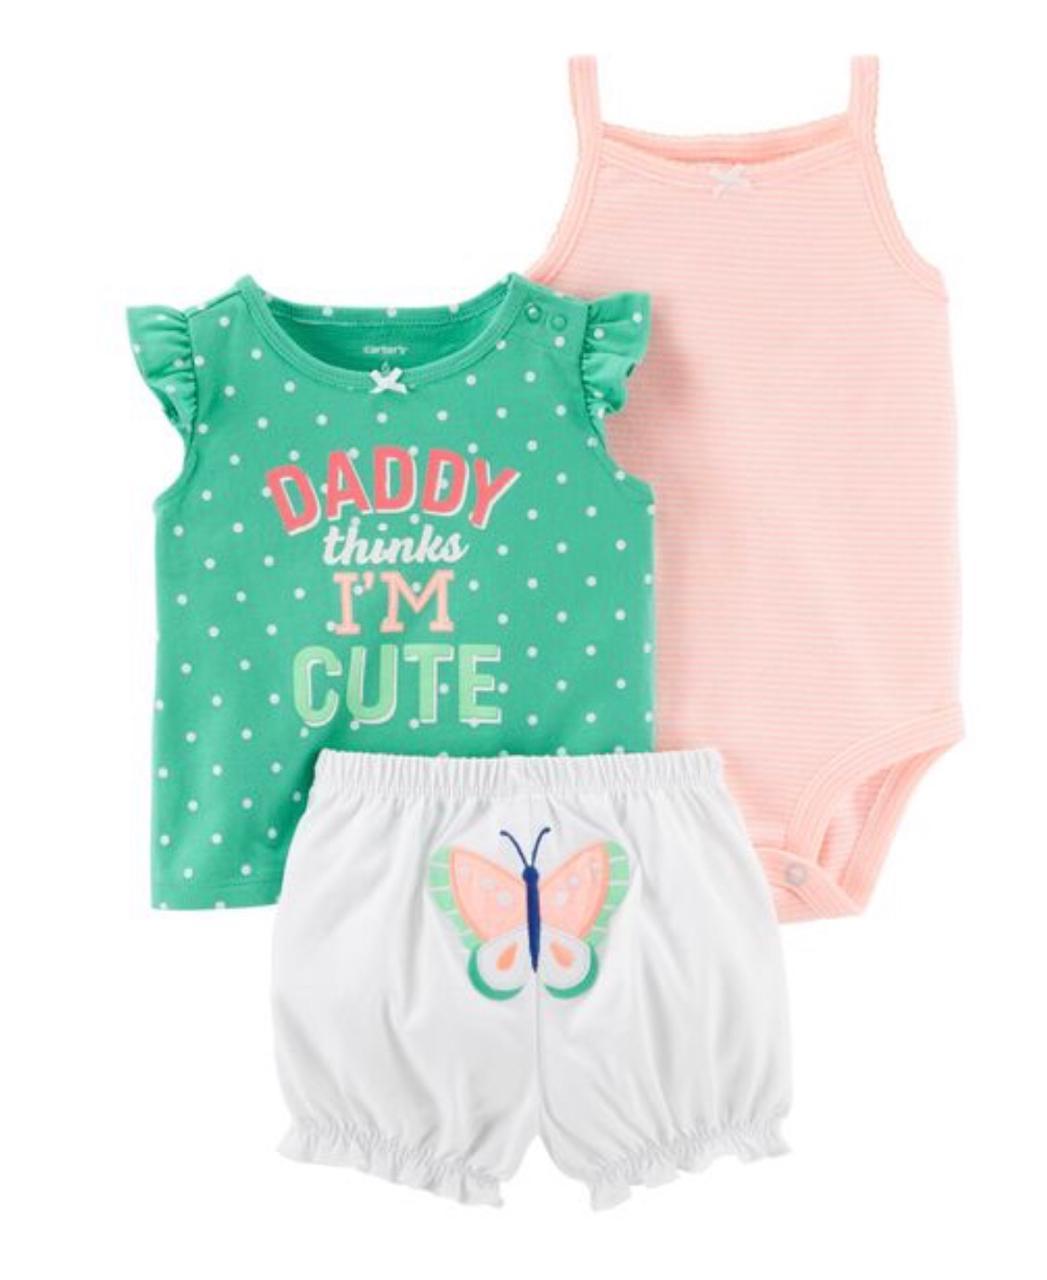 Kit Verão 3 pçs Daddy Thinks Cute - Carter's